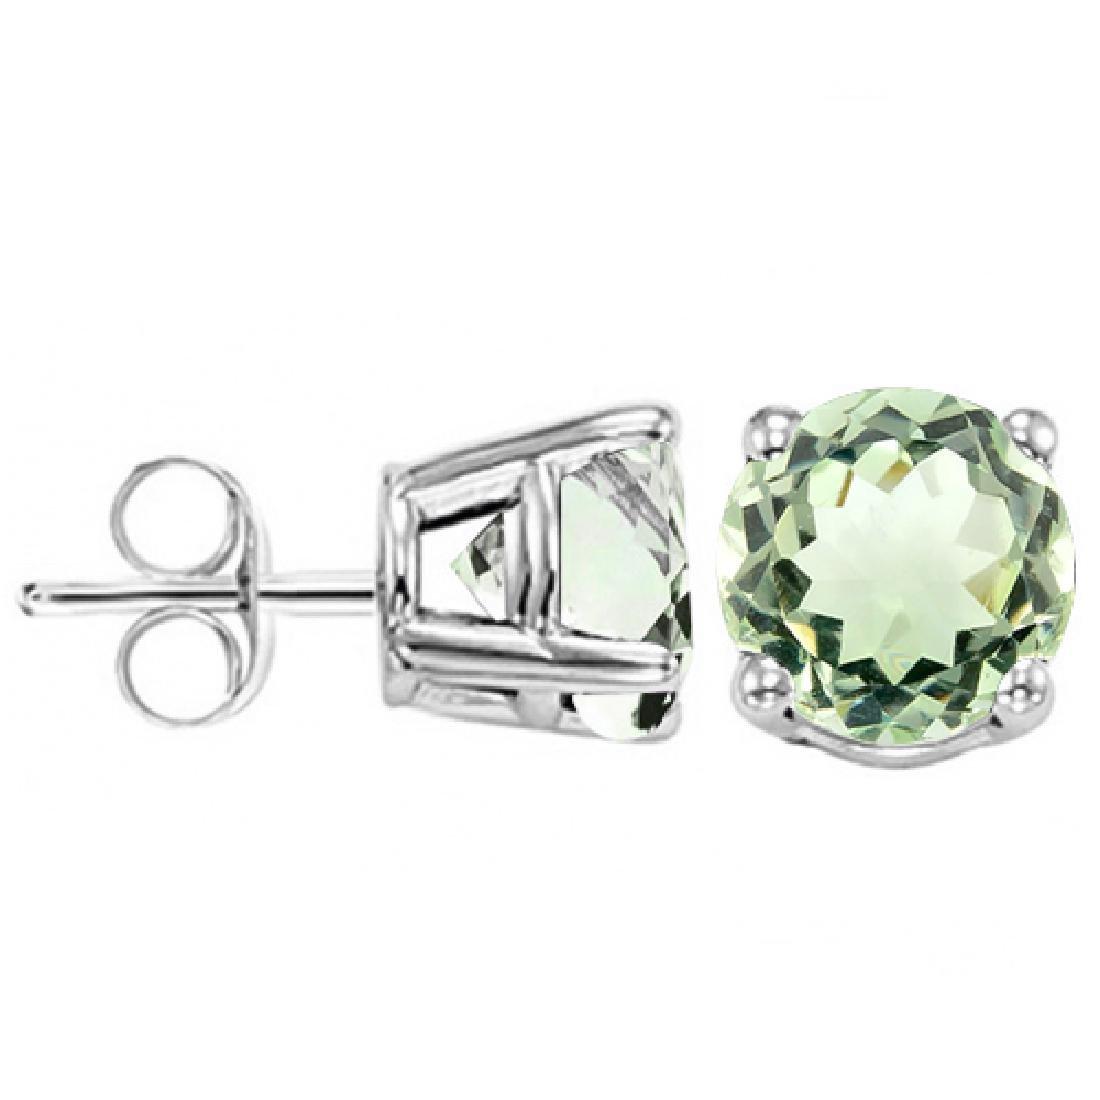 6MM Green Amethyst Stud Earrings in Sterling Silver - 2